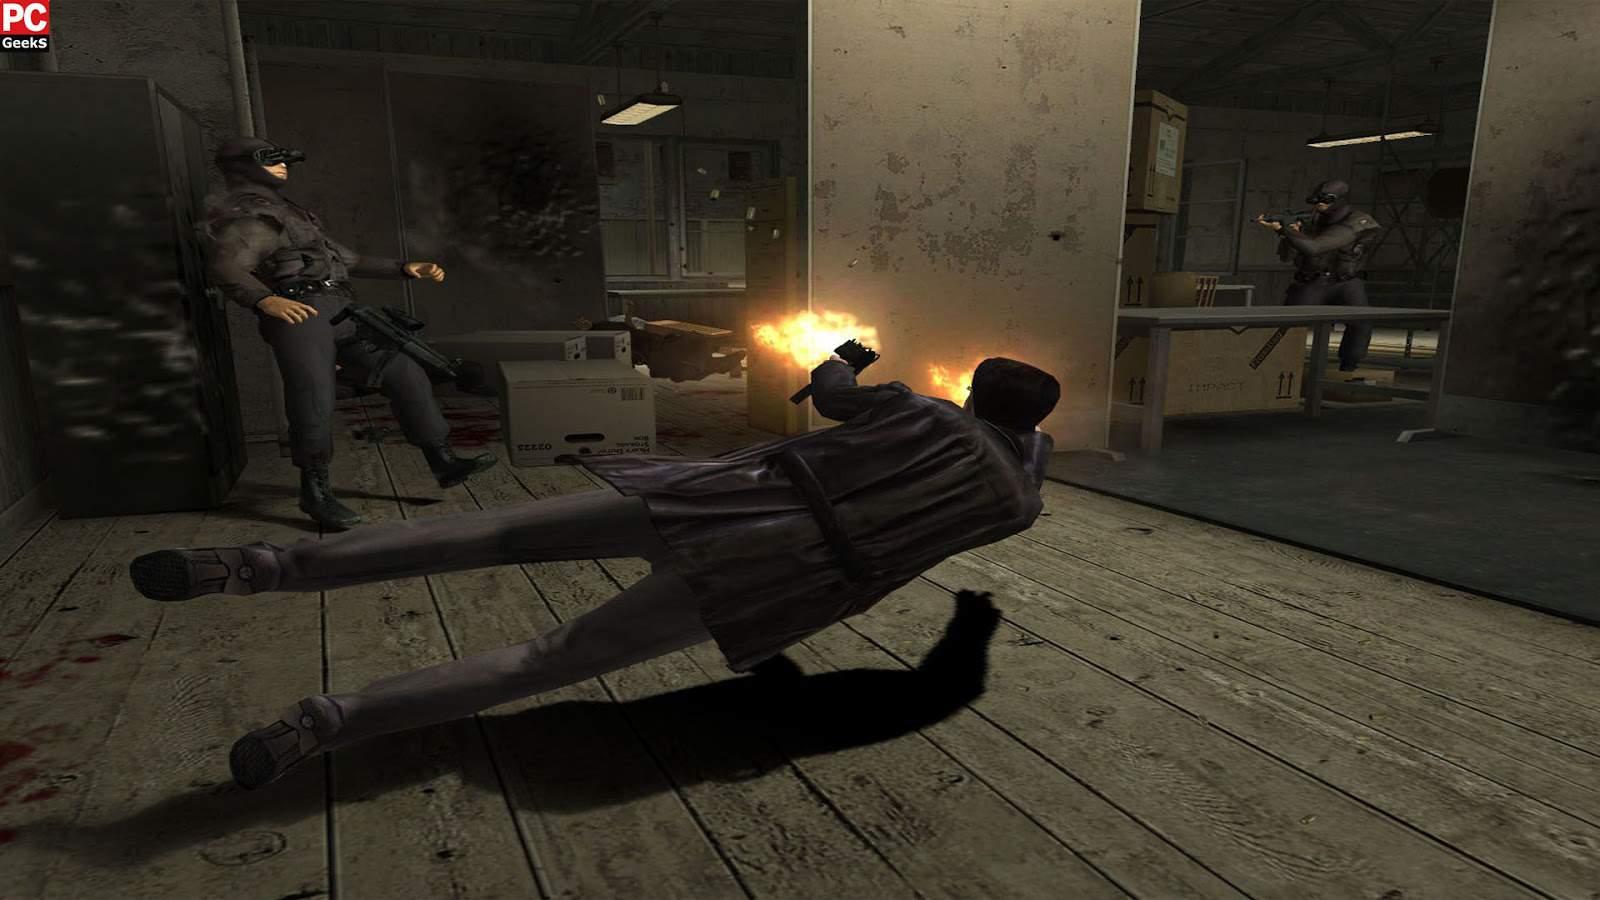 تحميل لعبة Max Payne 2 مضغوطة برابط واحد مباشر + تورنت كاملة مجانا